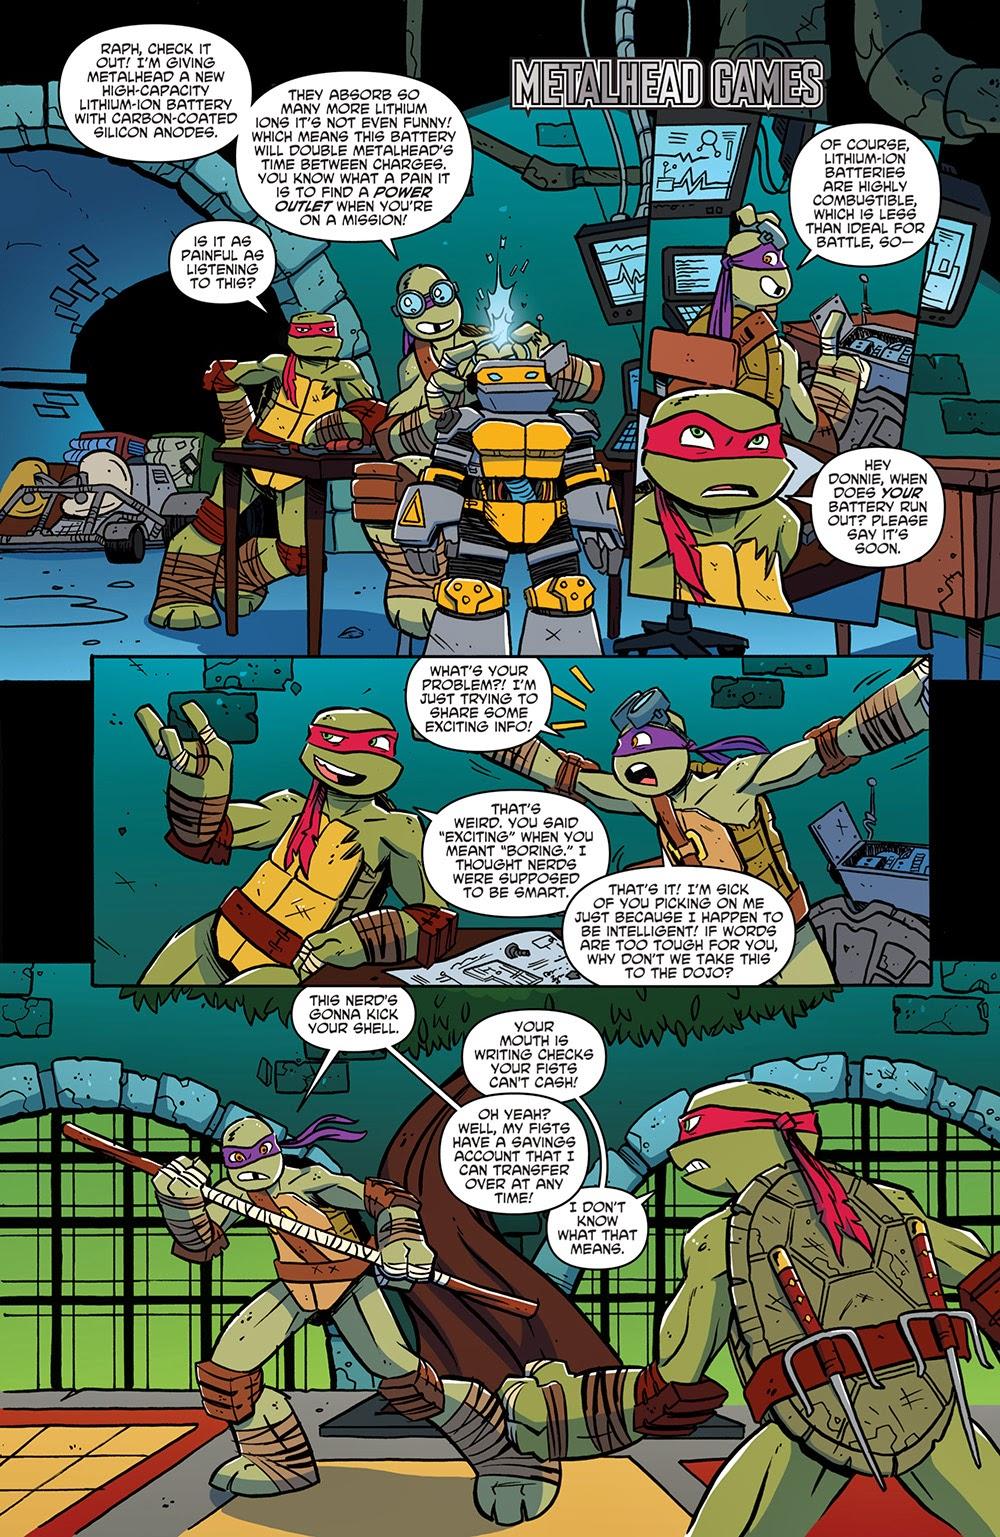 teenage mutant ninja turtles u2013 new animated adventures 009 2014